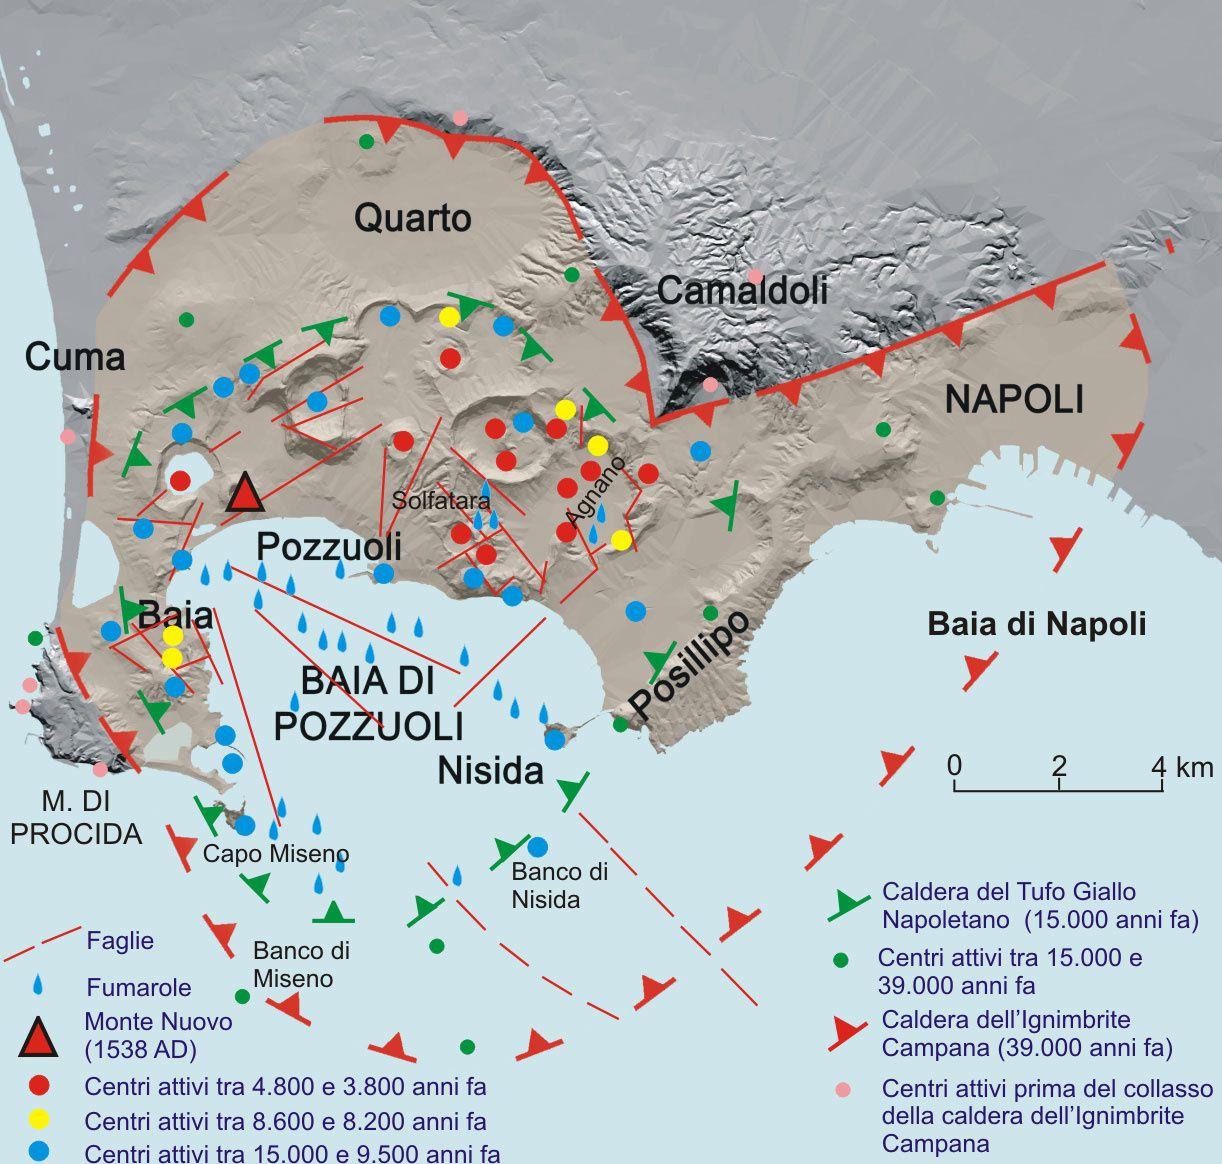 Champs Phlégréens - les deux grandes caldeiras et les centres d'activité post-caldeira - doc. Ridisegnato e modificato da Santacroce et al. (2003)